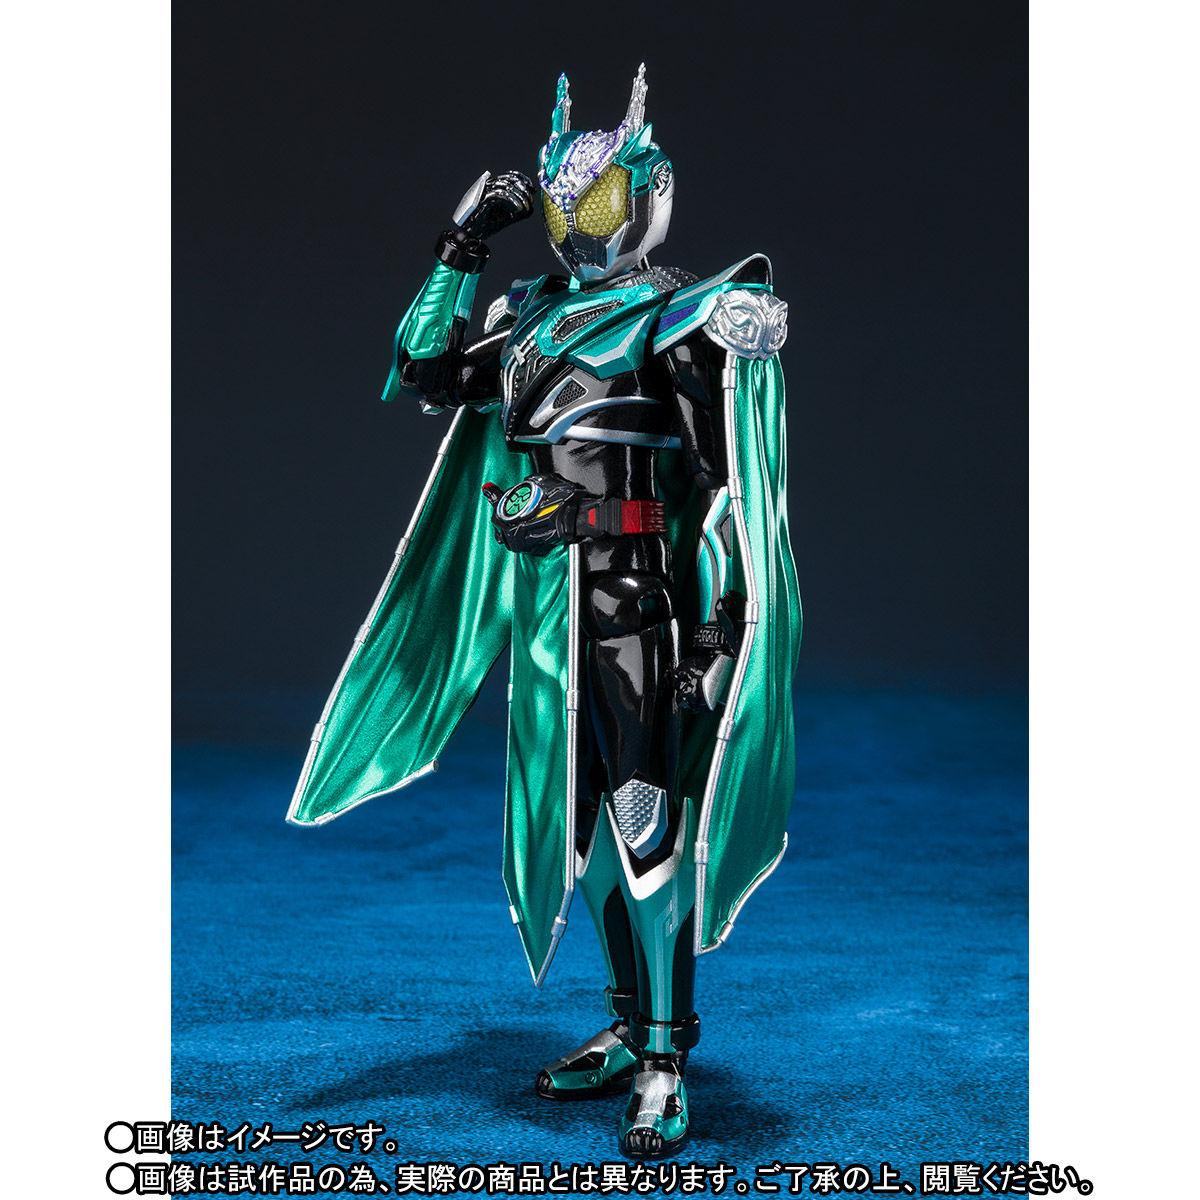 S.H.フィギュアーツ『仮面ライダーブレン』可動フィギュア-003